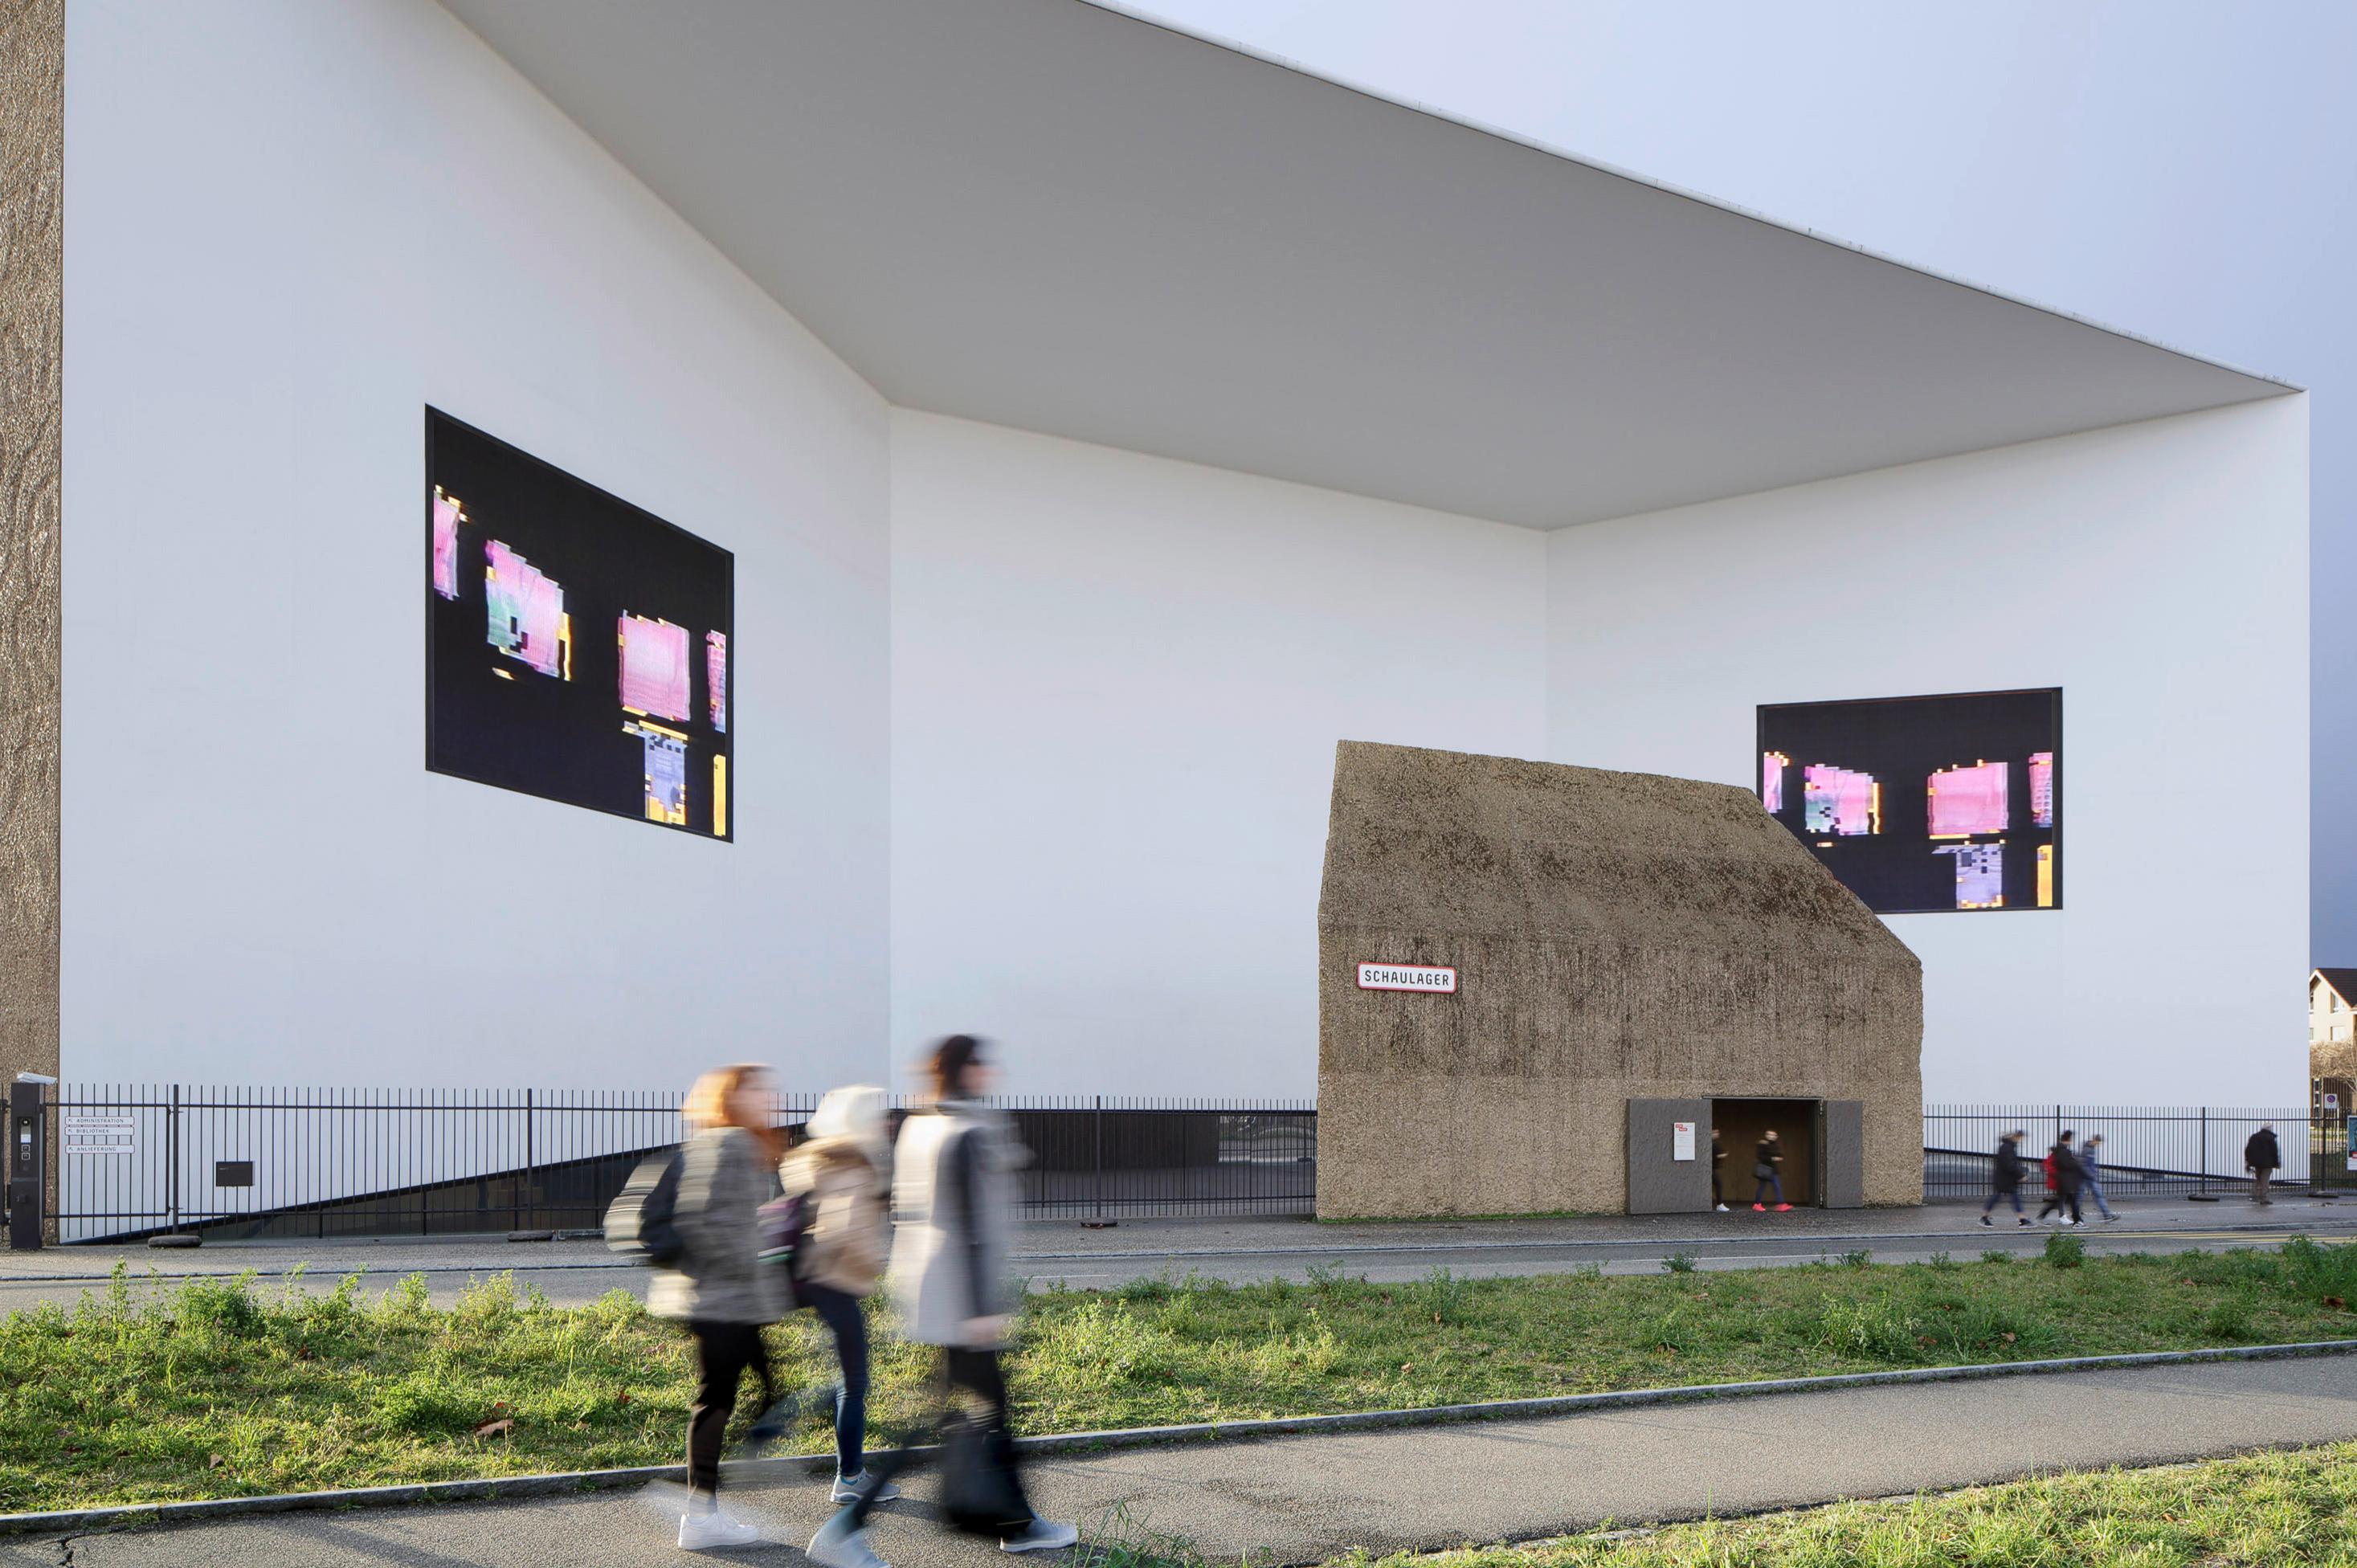 ###La Fondation Emanuel Hoffmann###En 1933, Maja Hoffmann-Stehlin, qui deviendra plus tard Maja Sacher-Stehlin (1896-1989), crée la Emanuel Hoffmann-Stiftung afin de poursuivre son engagement en faveur de l'art contemporain qu'elle partageait avec son mari décédé prématurément. En 1941, elle engage le dépôt de la collection à la Öffentliche Kunstsammlung Basel. En 1980, elle sera à l'origine du Museum für Gegenwartskunst, l'un des premiers musées d'art contemporain du monde, dont elle finance la construction.> [Plus d'info](https://kunstmuseumbasel.ch/fr/collection/collections-particuli%C3%A8res/emanuel-hoffmann-stiftung)